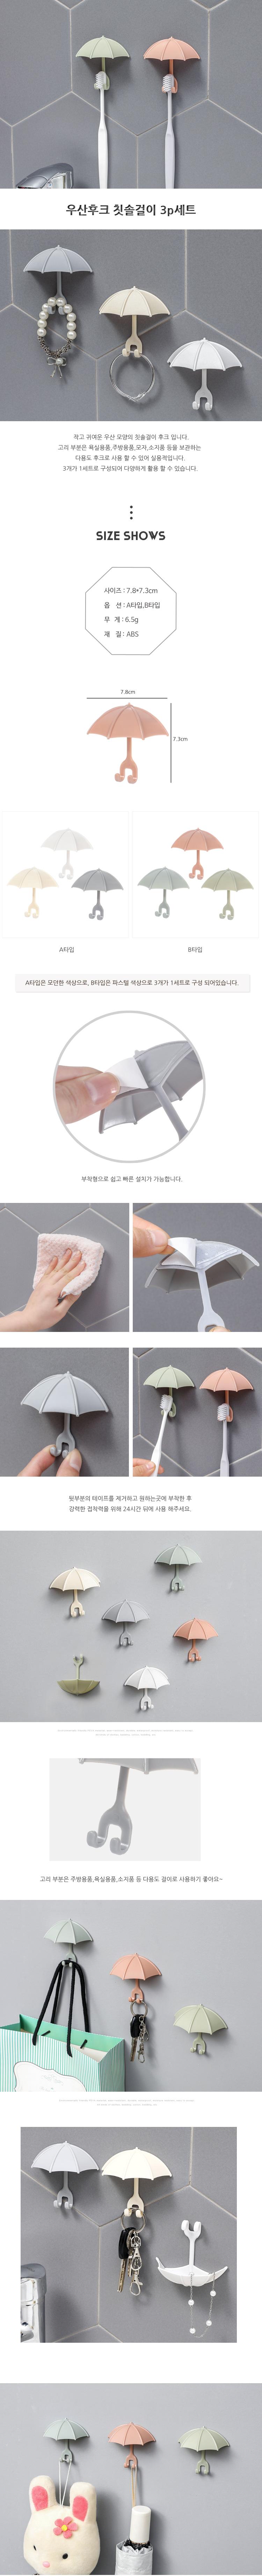 우산후크칫솔걸이3p세트 - 제이엔터프라이스, 2,400원, 정리용품/청소, 홀더/타올/휴지걸이